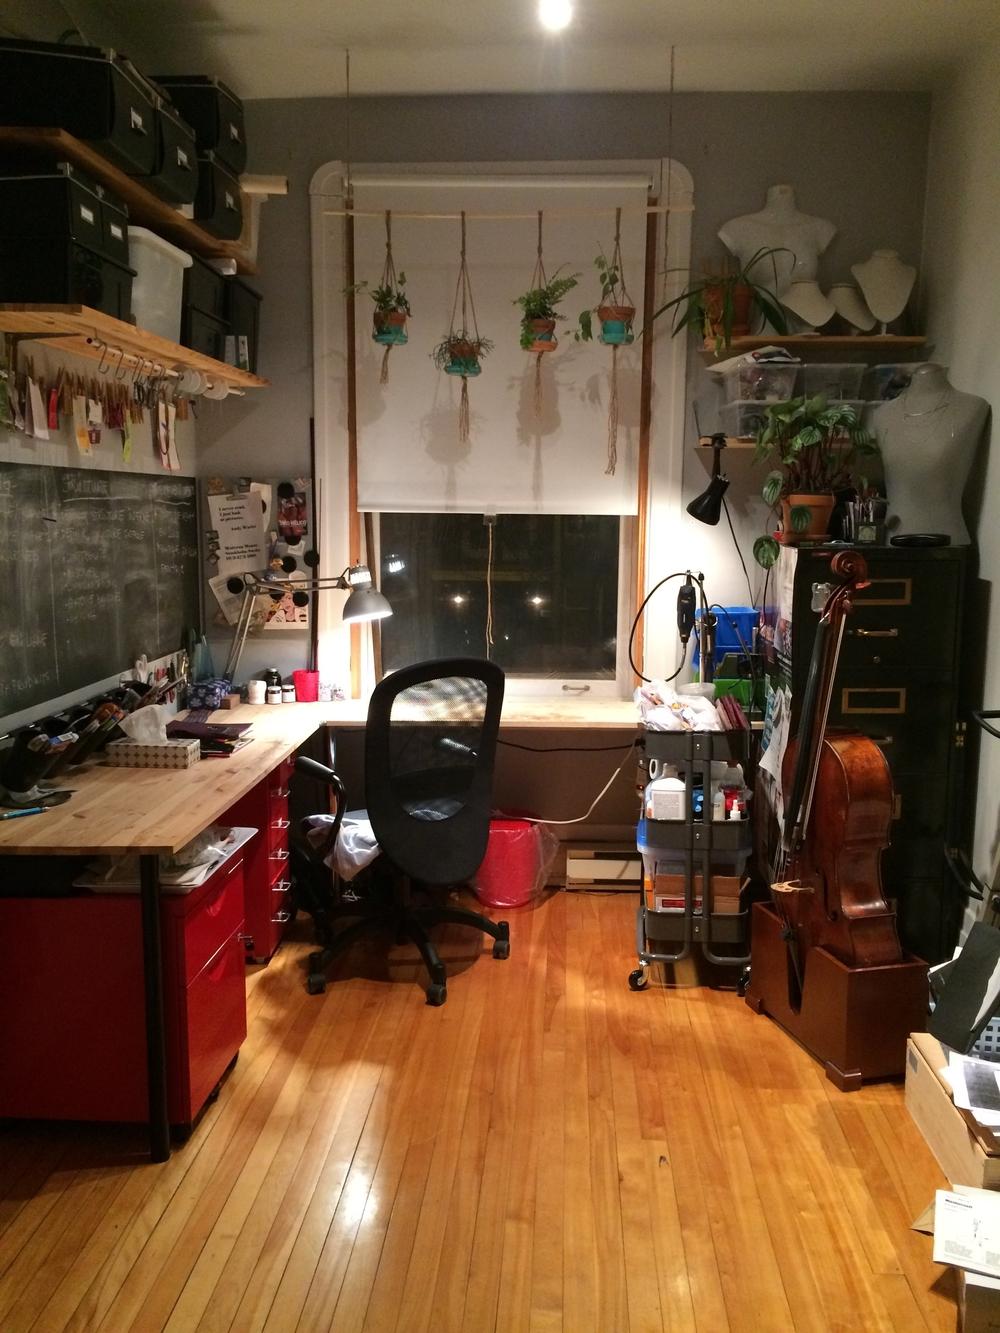 Voici mon Atelier et mon studio de pratique et d'enseignement... quand c'est à l'ordre!